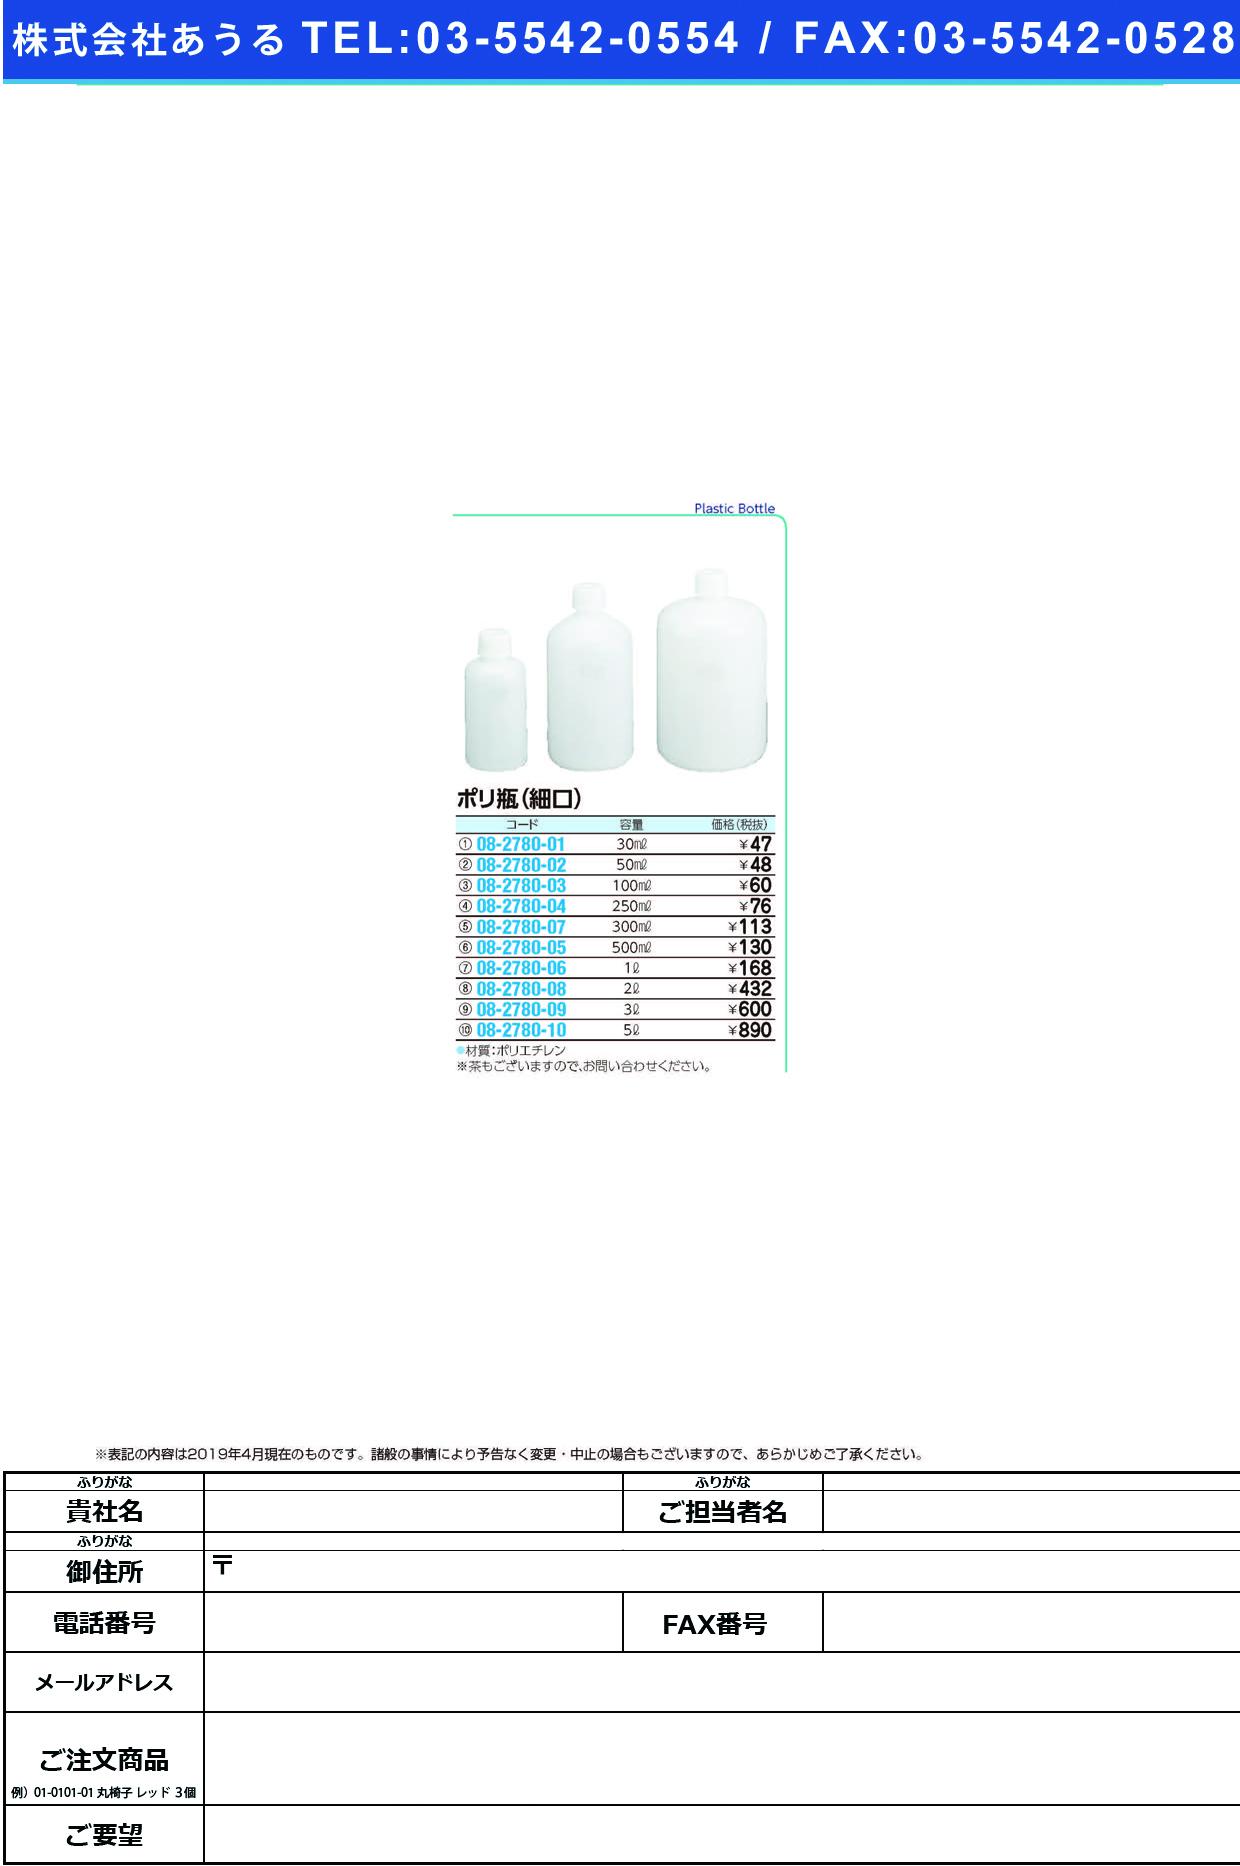 (08-2780-09)ポリ瓶(細口) 3L ポリビン【1本単位】【2019年カタログ商品】